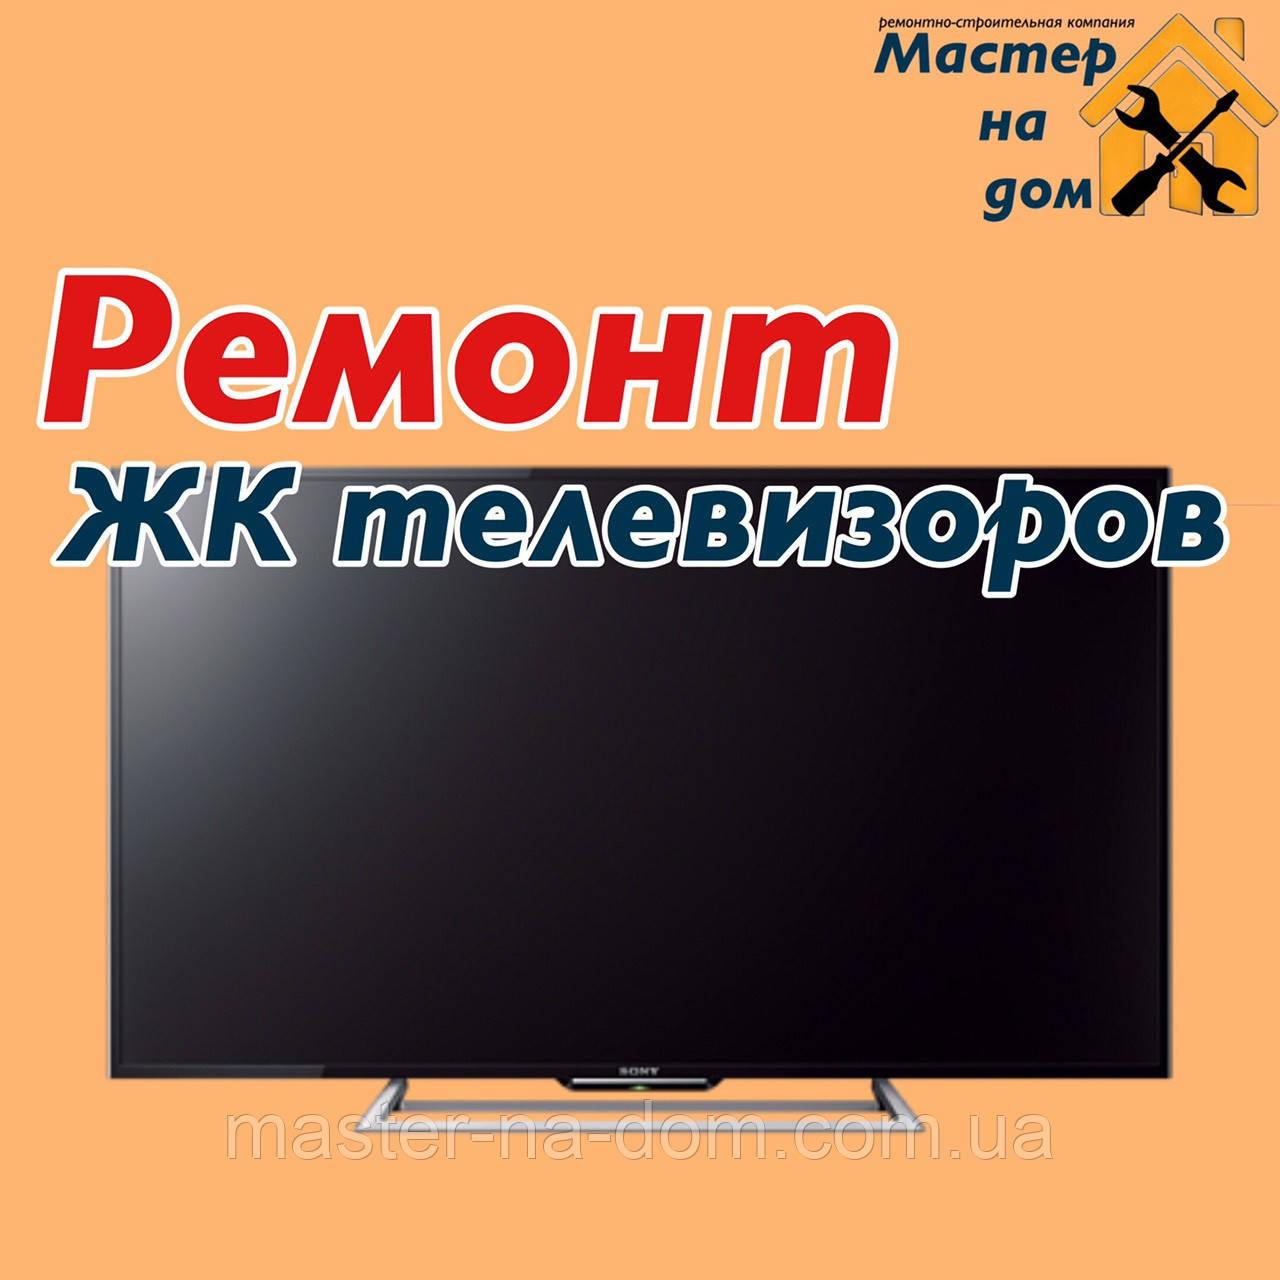 Ремонт ЖК телевізорів на дому у Хмельницькому